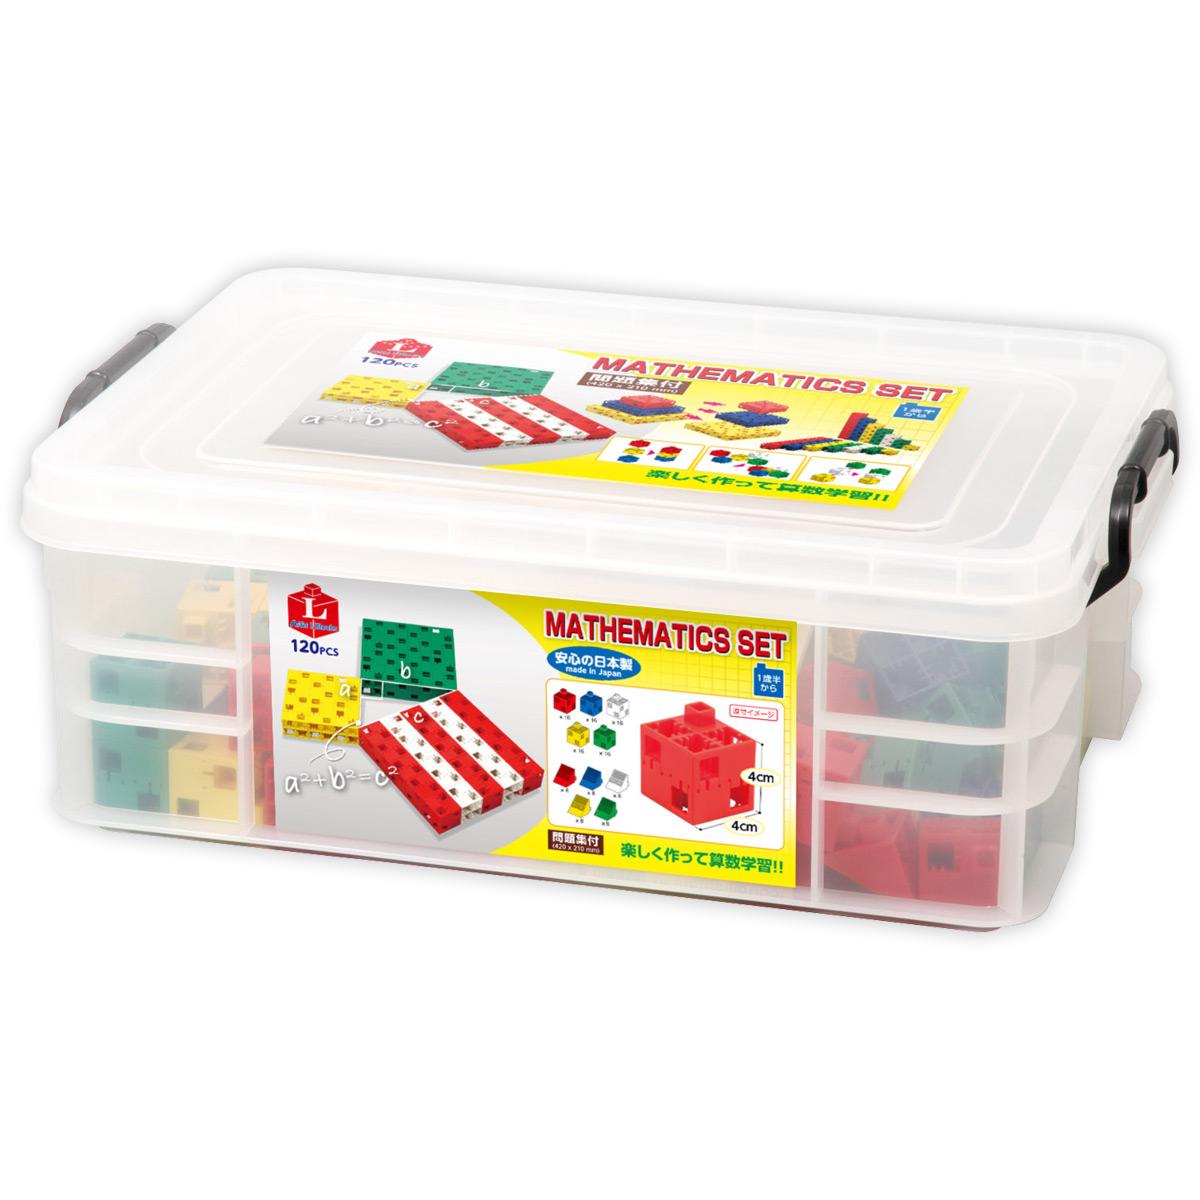 アーテックブロック L ブロック おもちゃ マスセット120ピース 日本製 ゲーム 玩具 レゴ・レゴブロックのように自由に遊べます